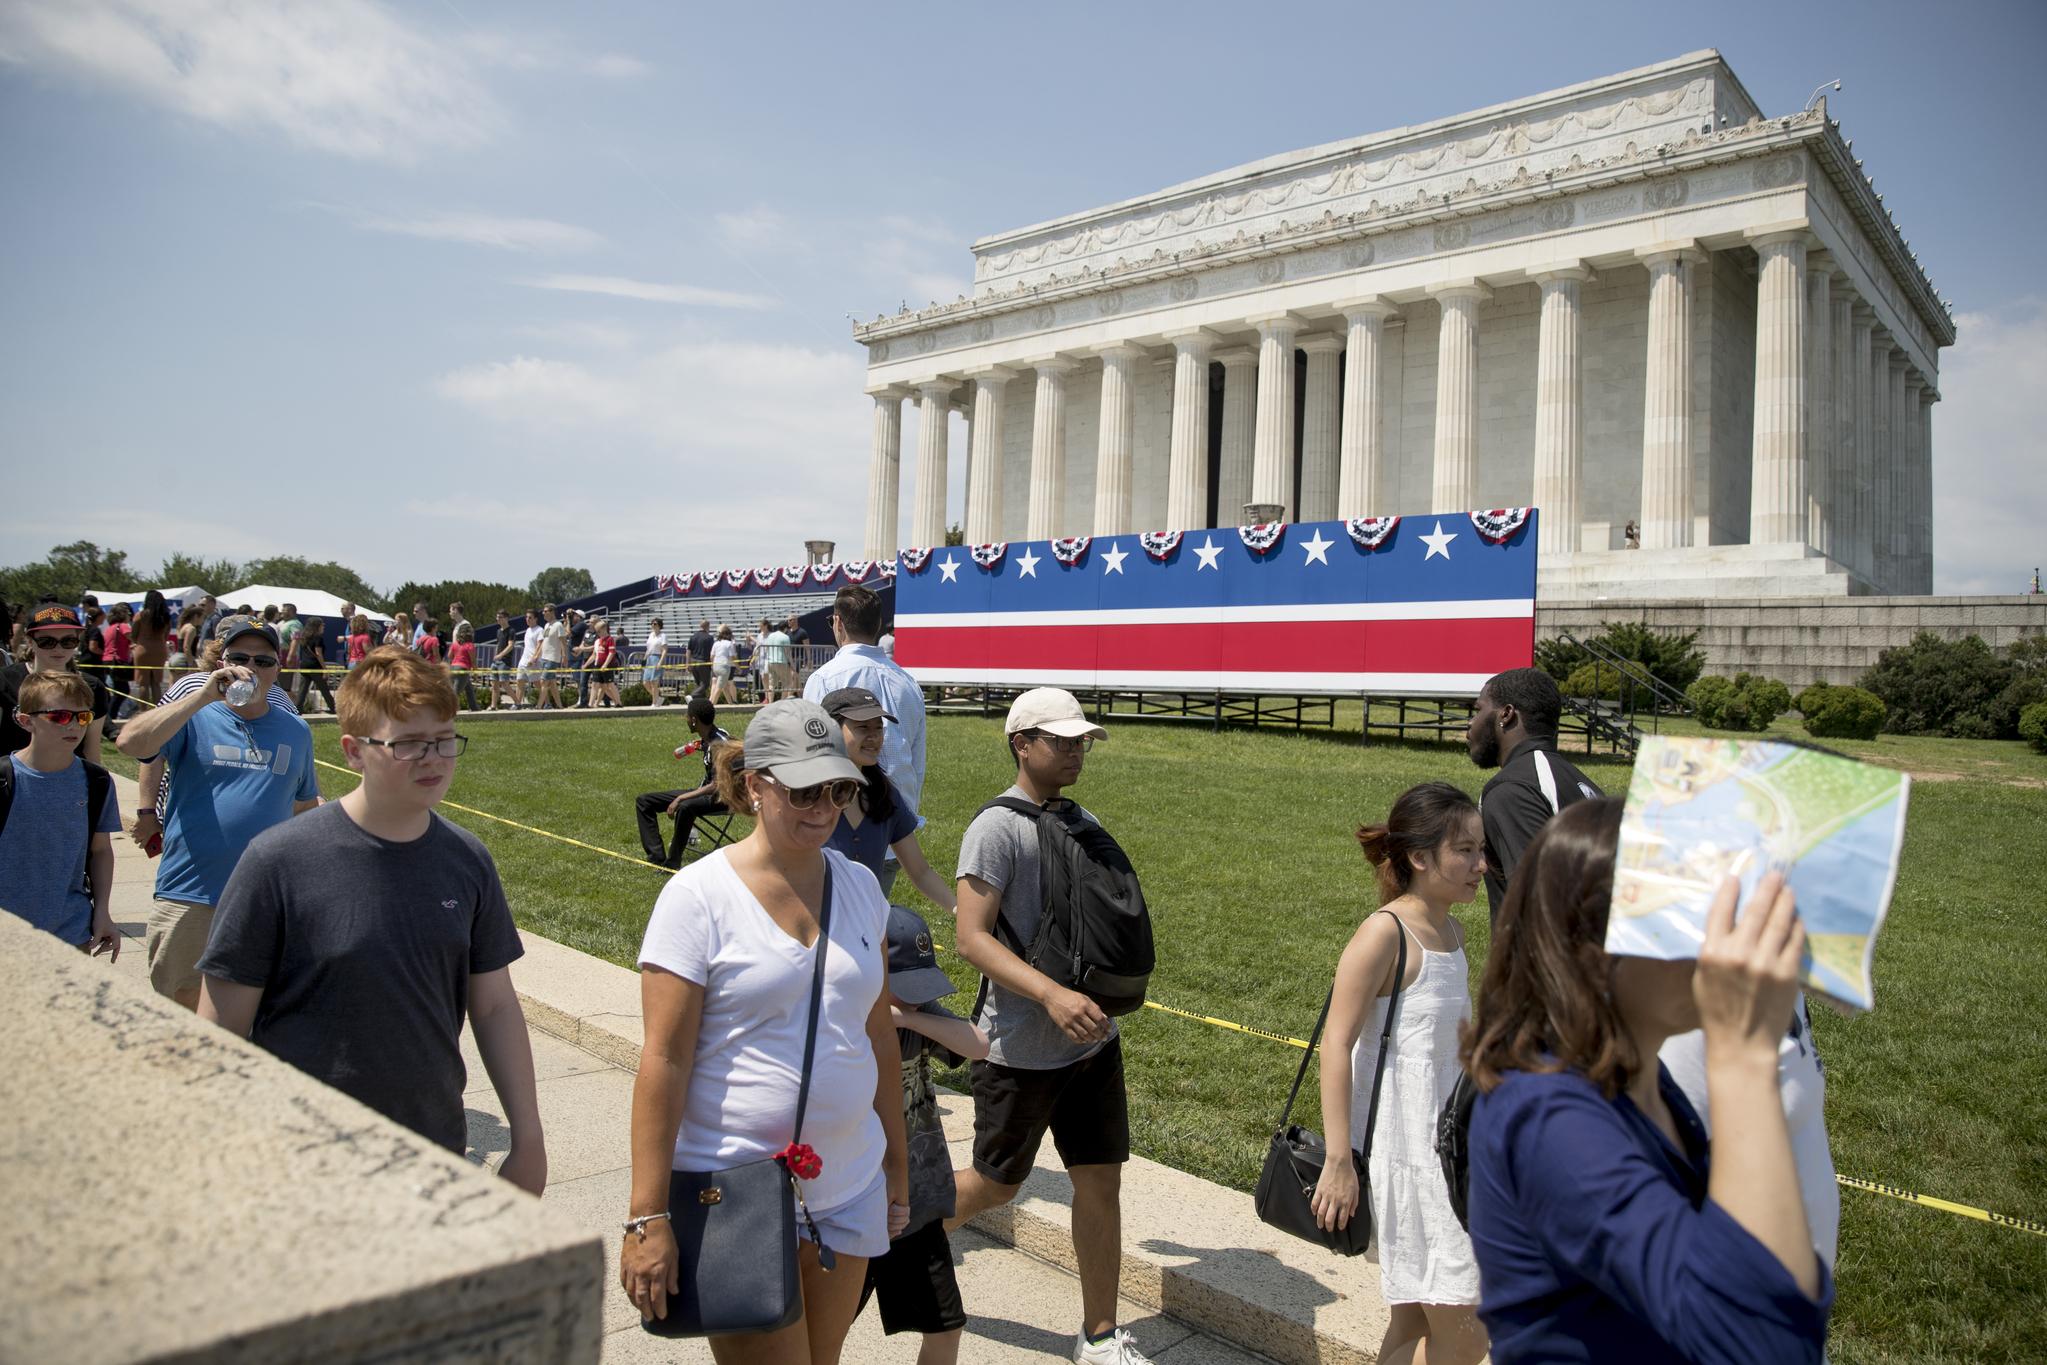 2일(현지시간) 독립기념일 행사준비가 한창인 미국 워싱턴 D.C 링컨 기념관. [AFP=연합뉴스]